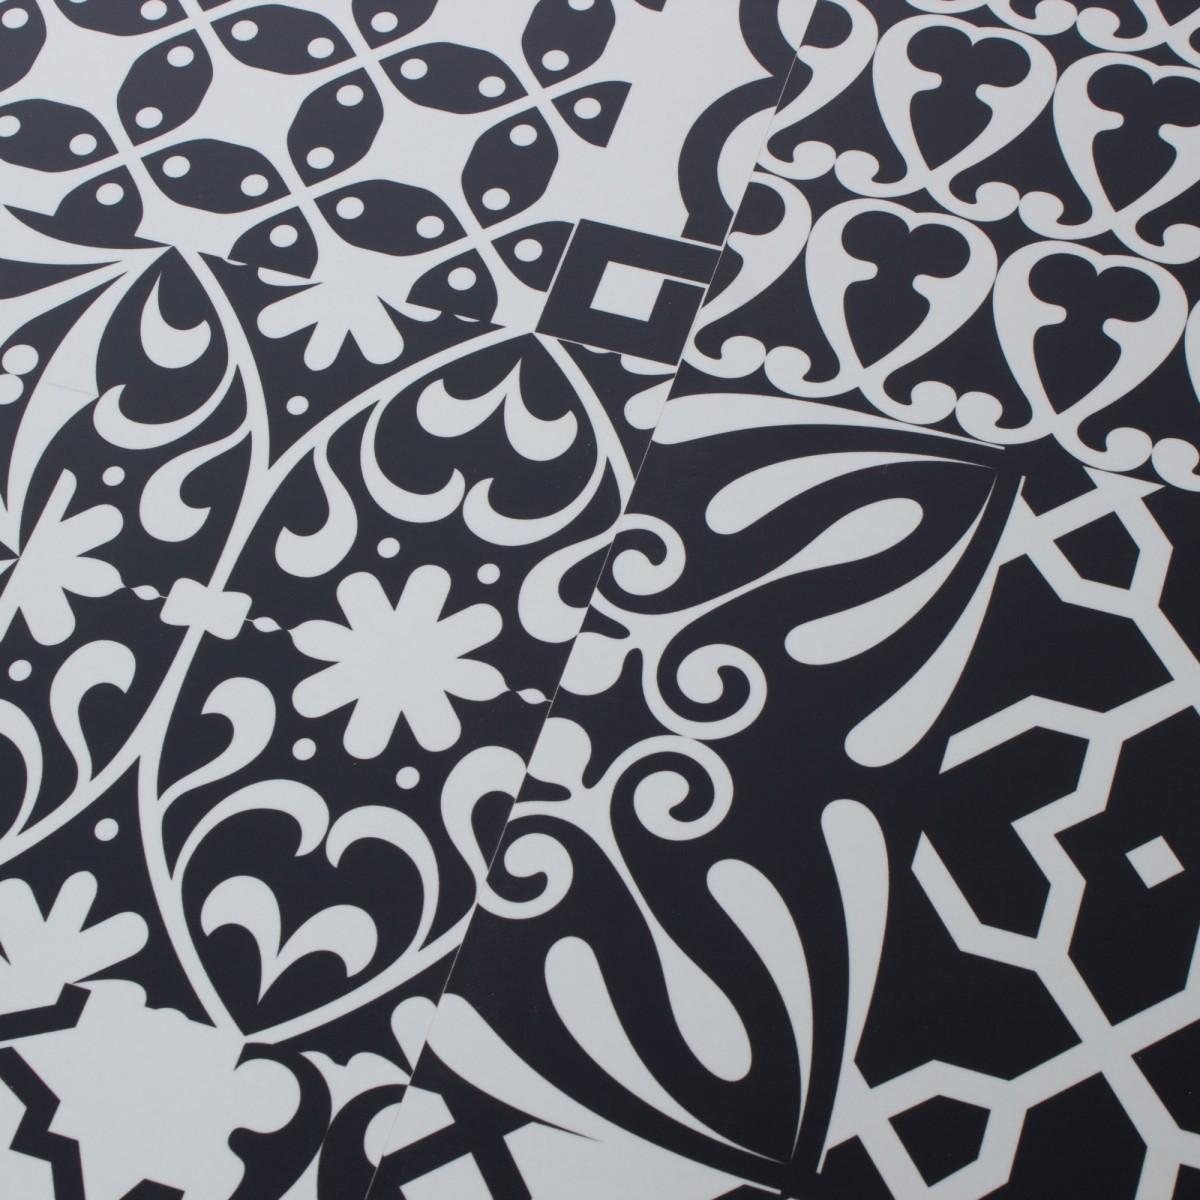 Ламинат Чёрное и белое 33 класс толщина 8 мм 1.996 м²